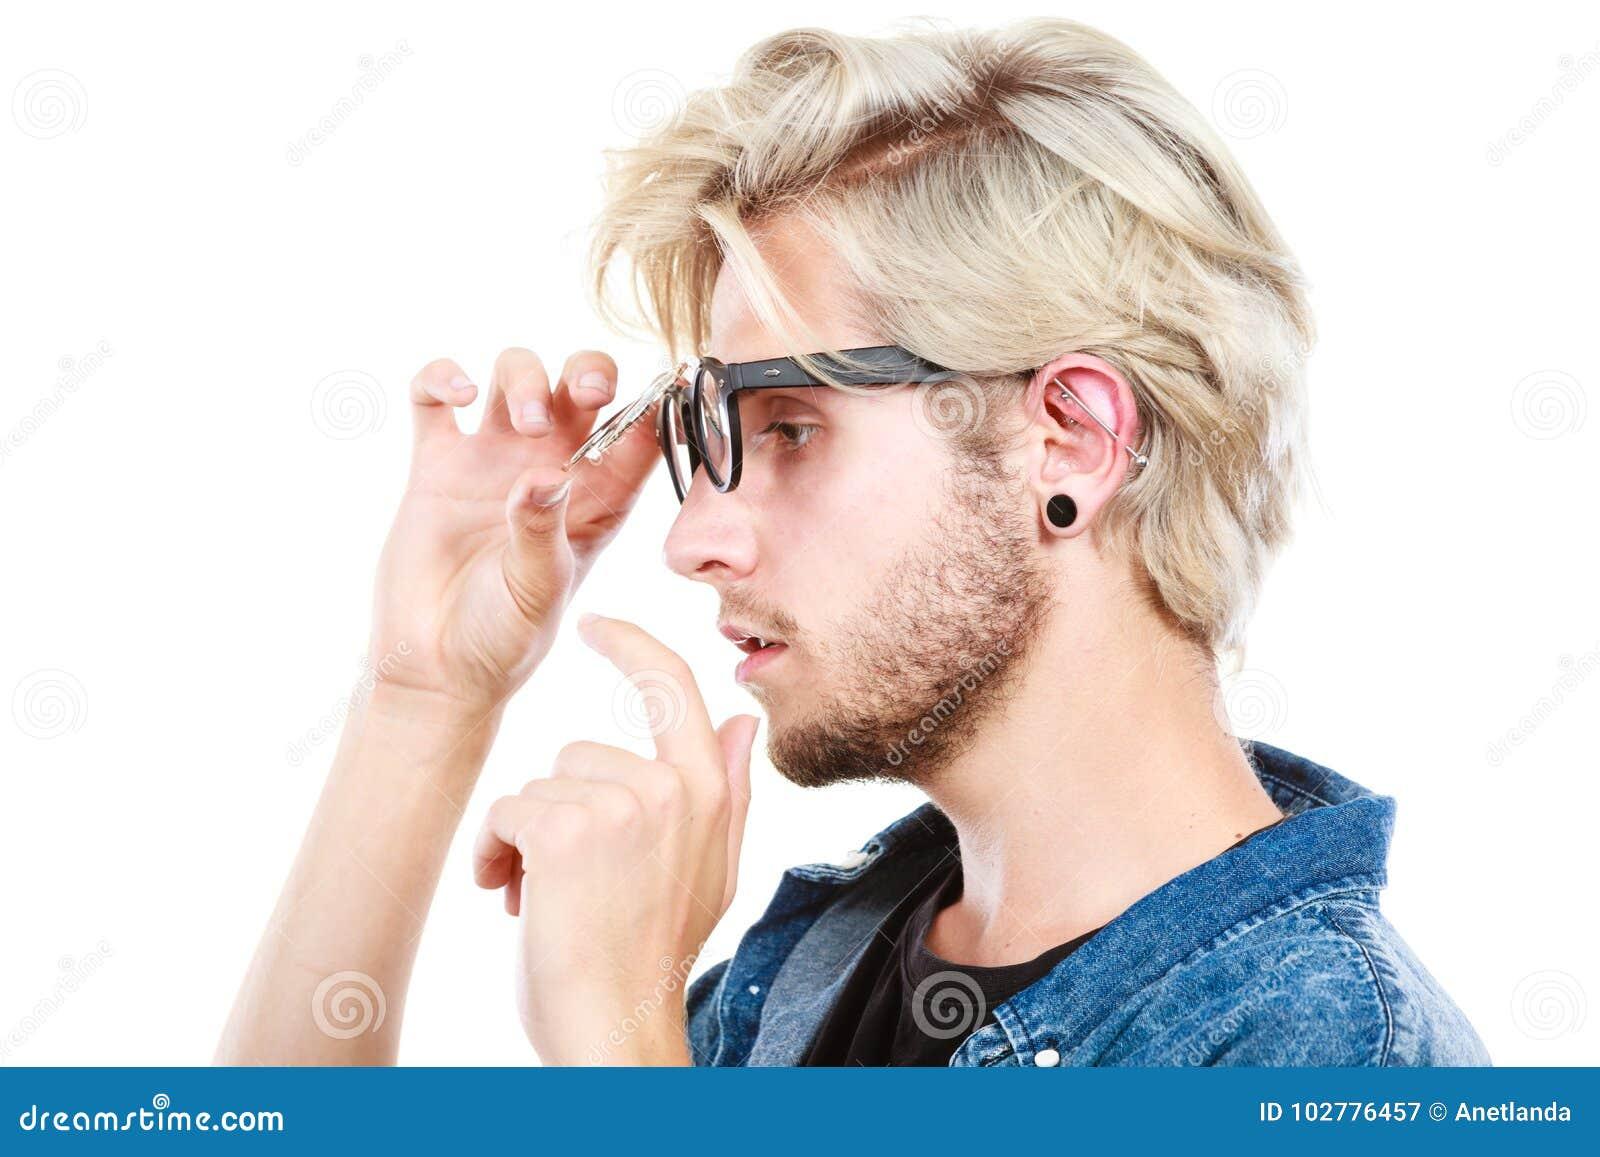 SoleRitratto Artistico Uomo Con Pantaloni A Gli Occhiali Da Dei Nn0XZwO8Pk